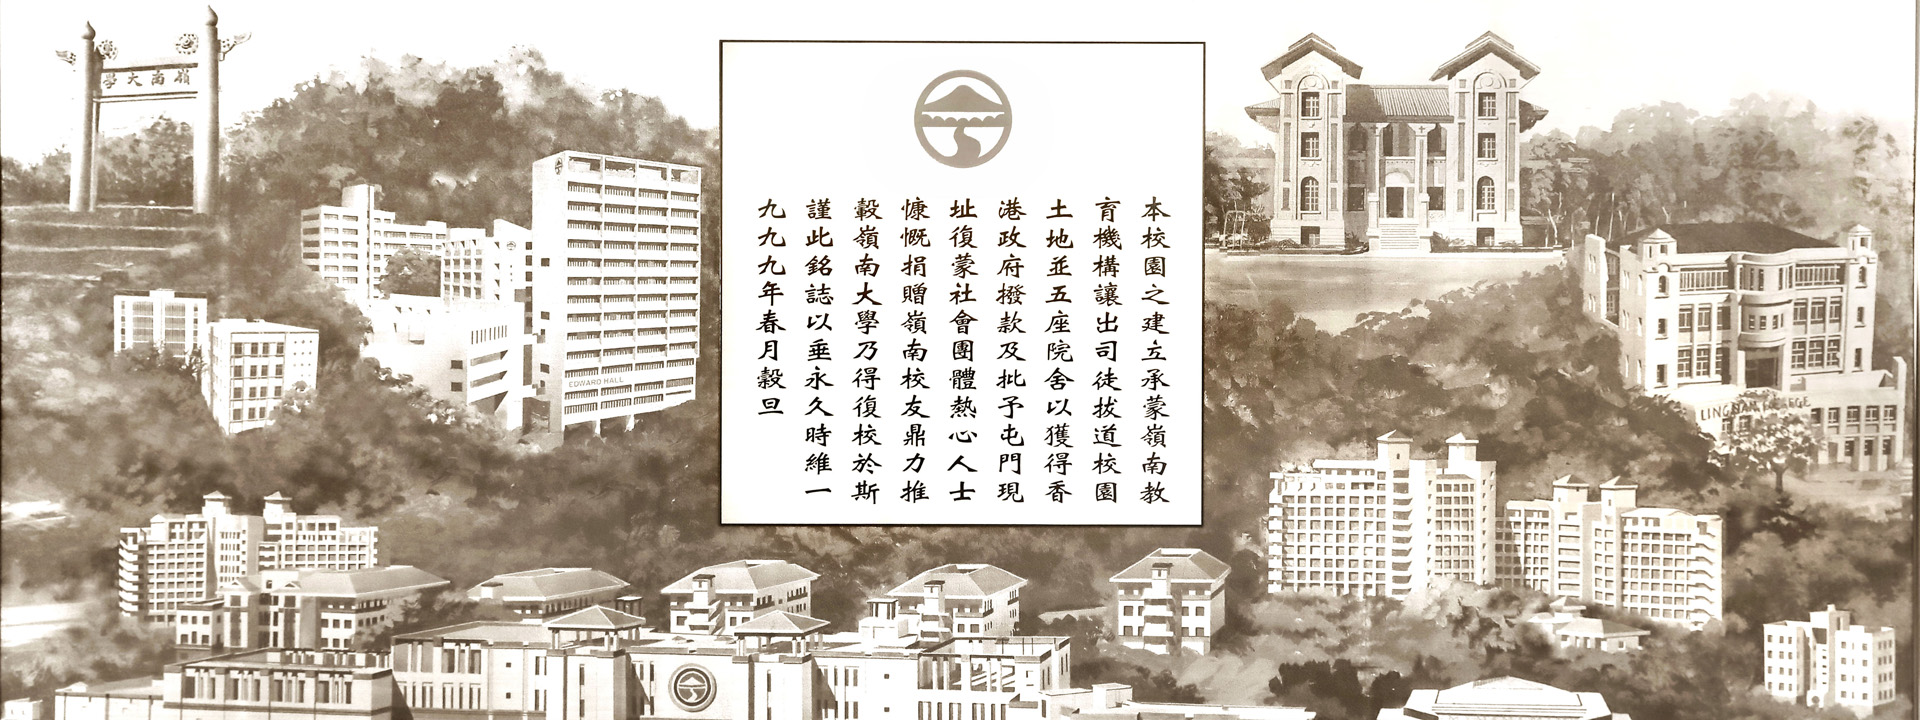 lingnan-education-slide-3-monument-plaque